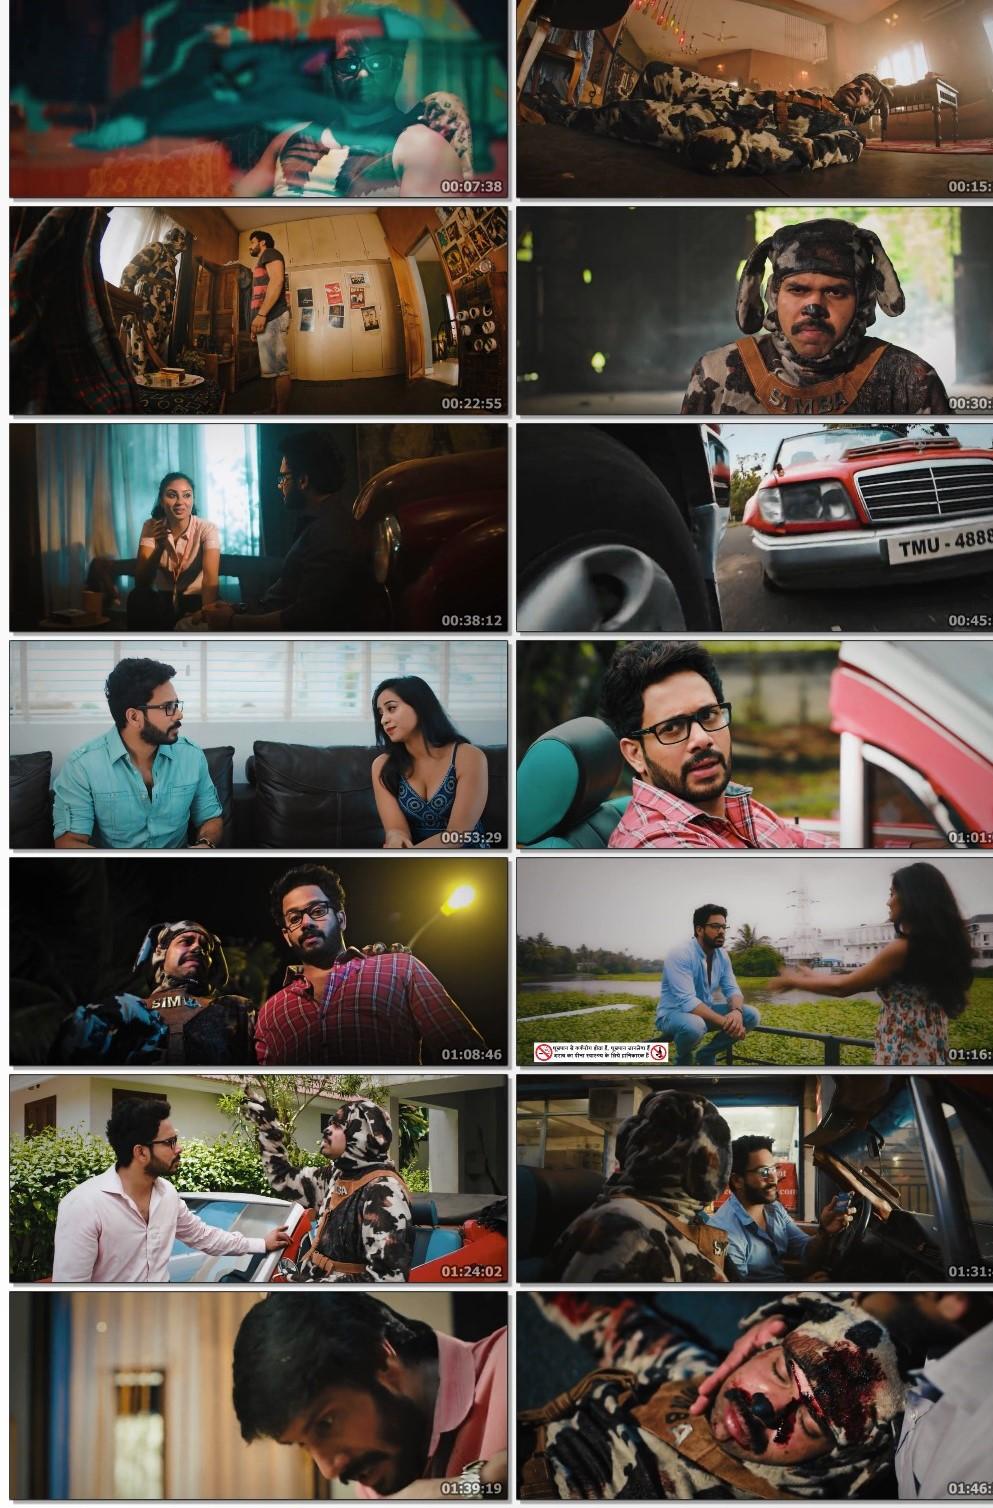 Simba-2021-ORG-Hindi-Dubbed-720p-HDRip-1-GB-mkv-thumbs2dc8247143e1d2bb